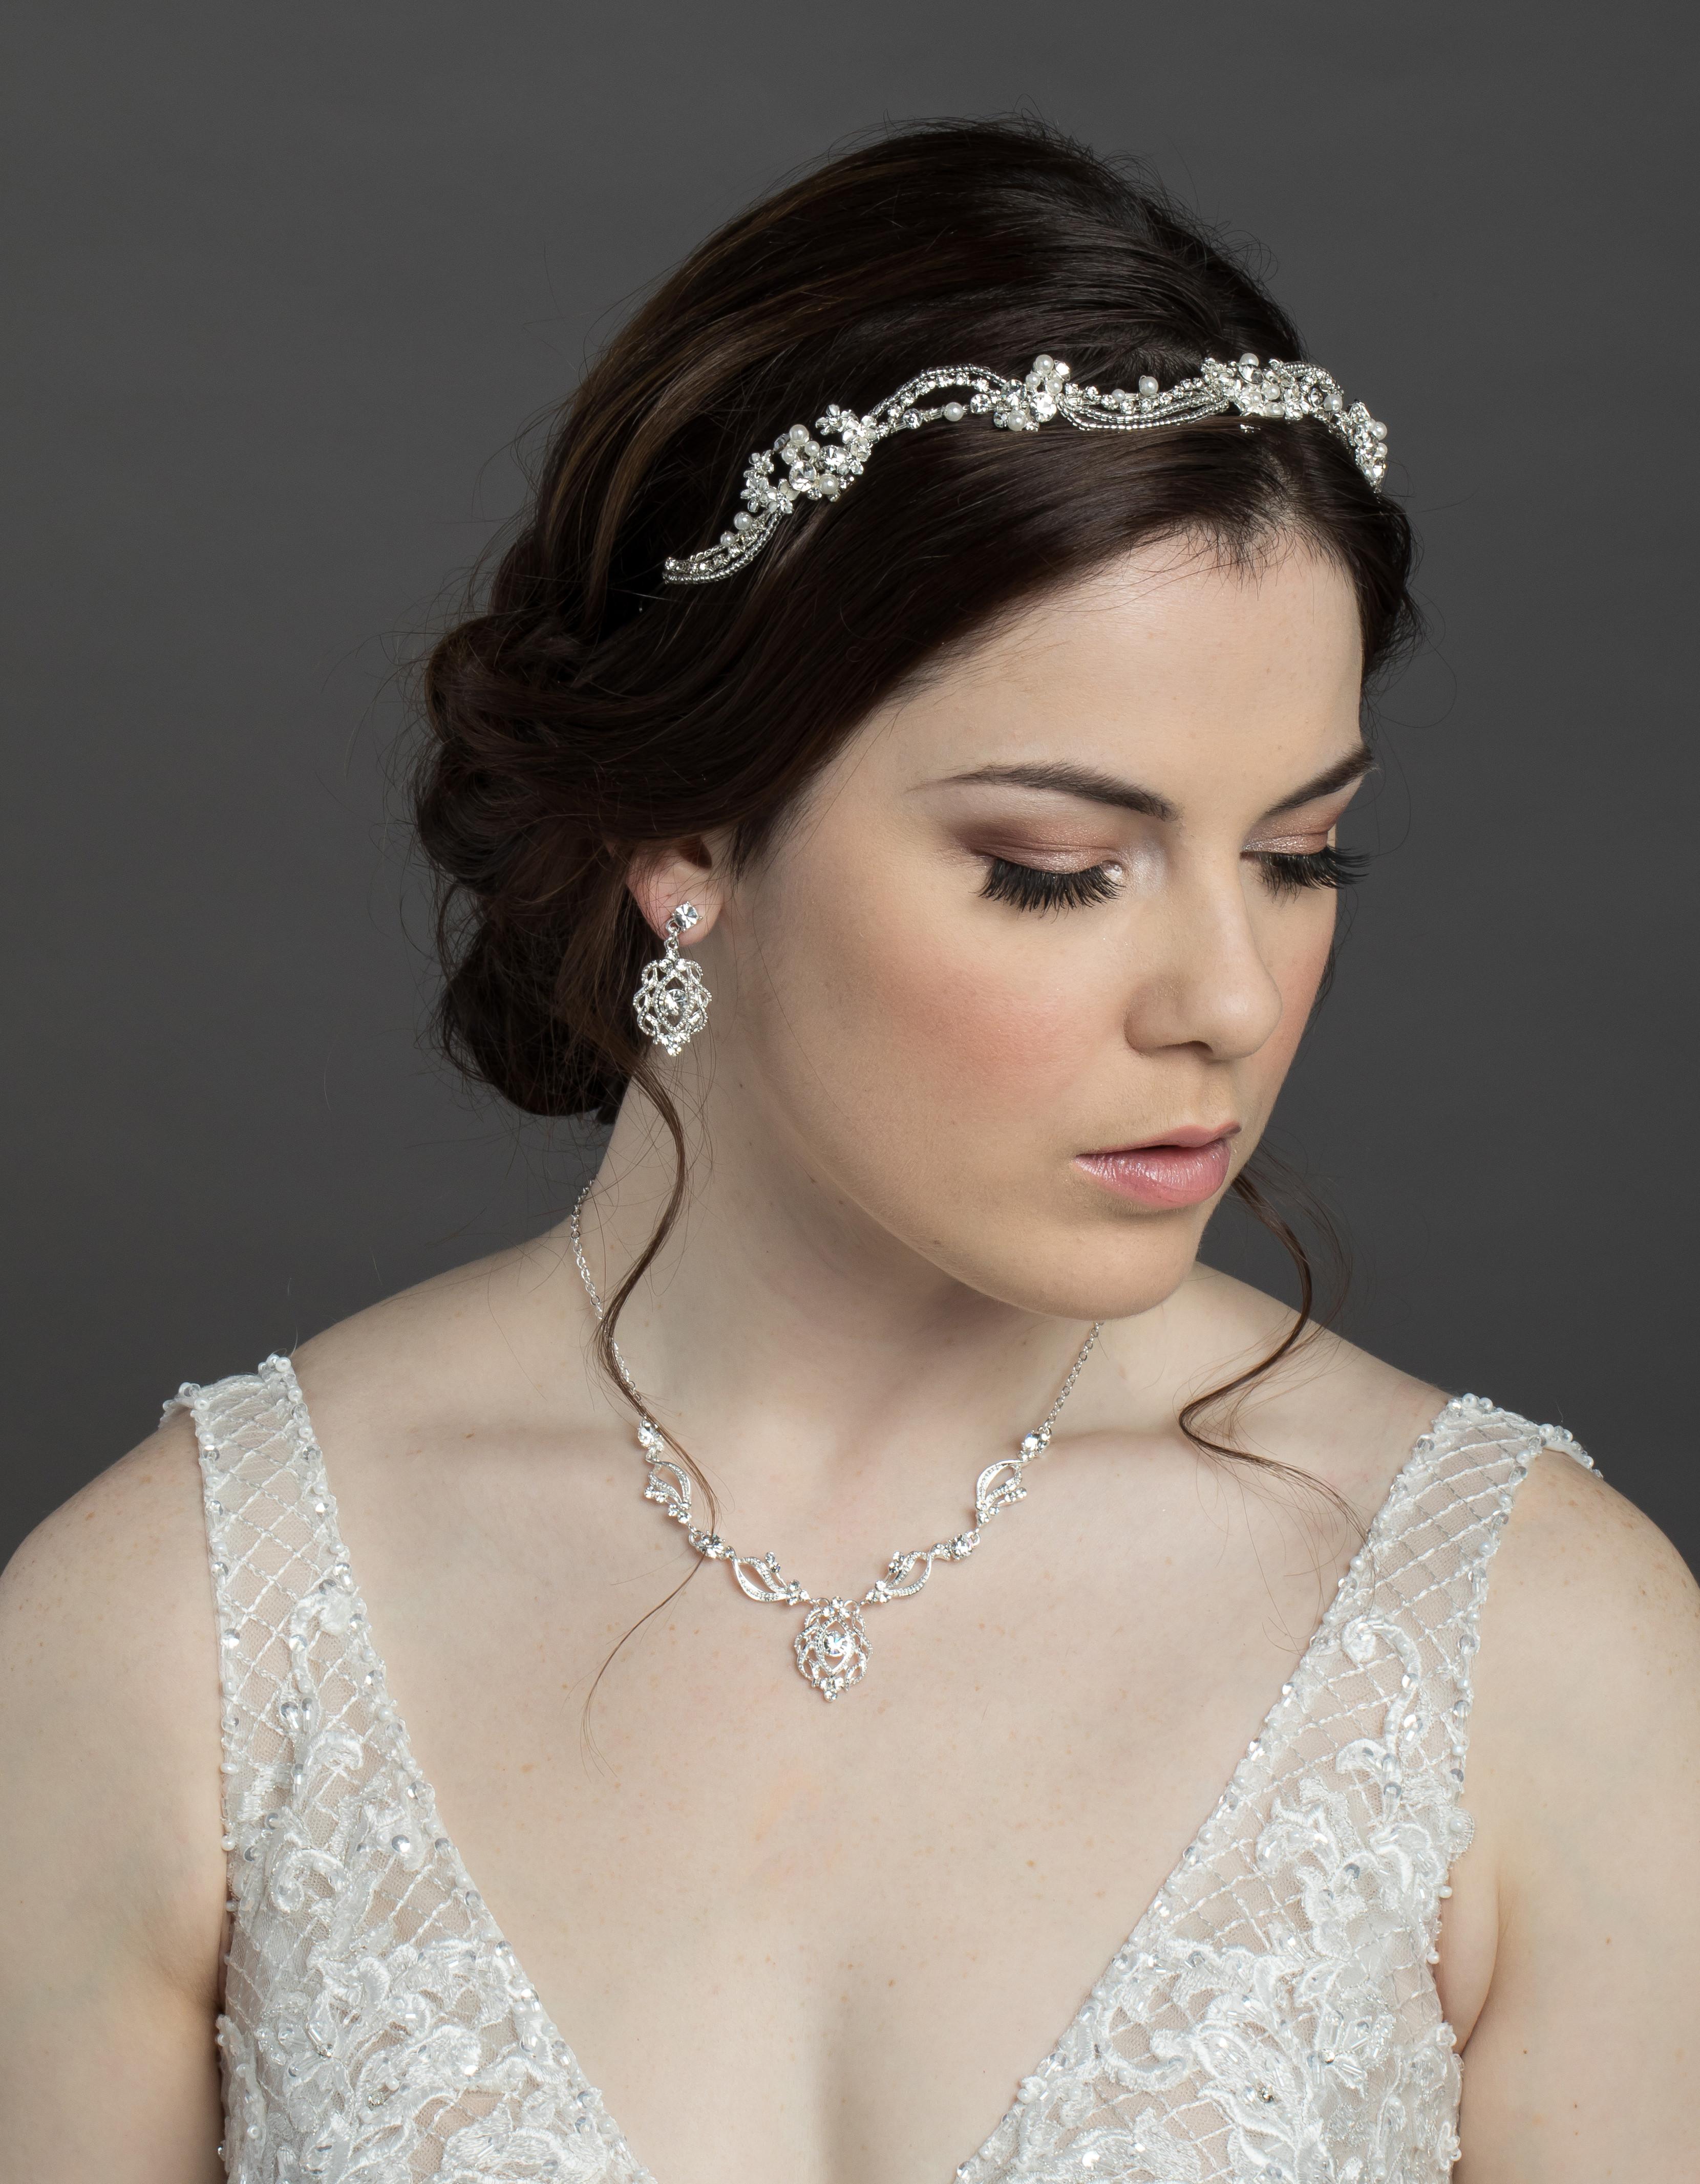 Bridal Classics Headbands, Wreaths & Vines T-4415